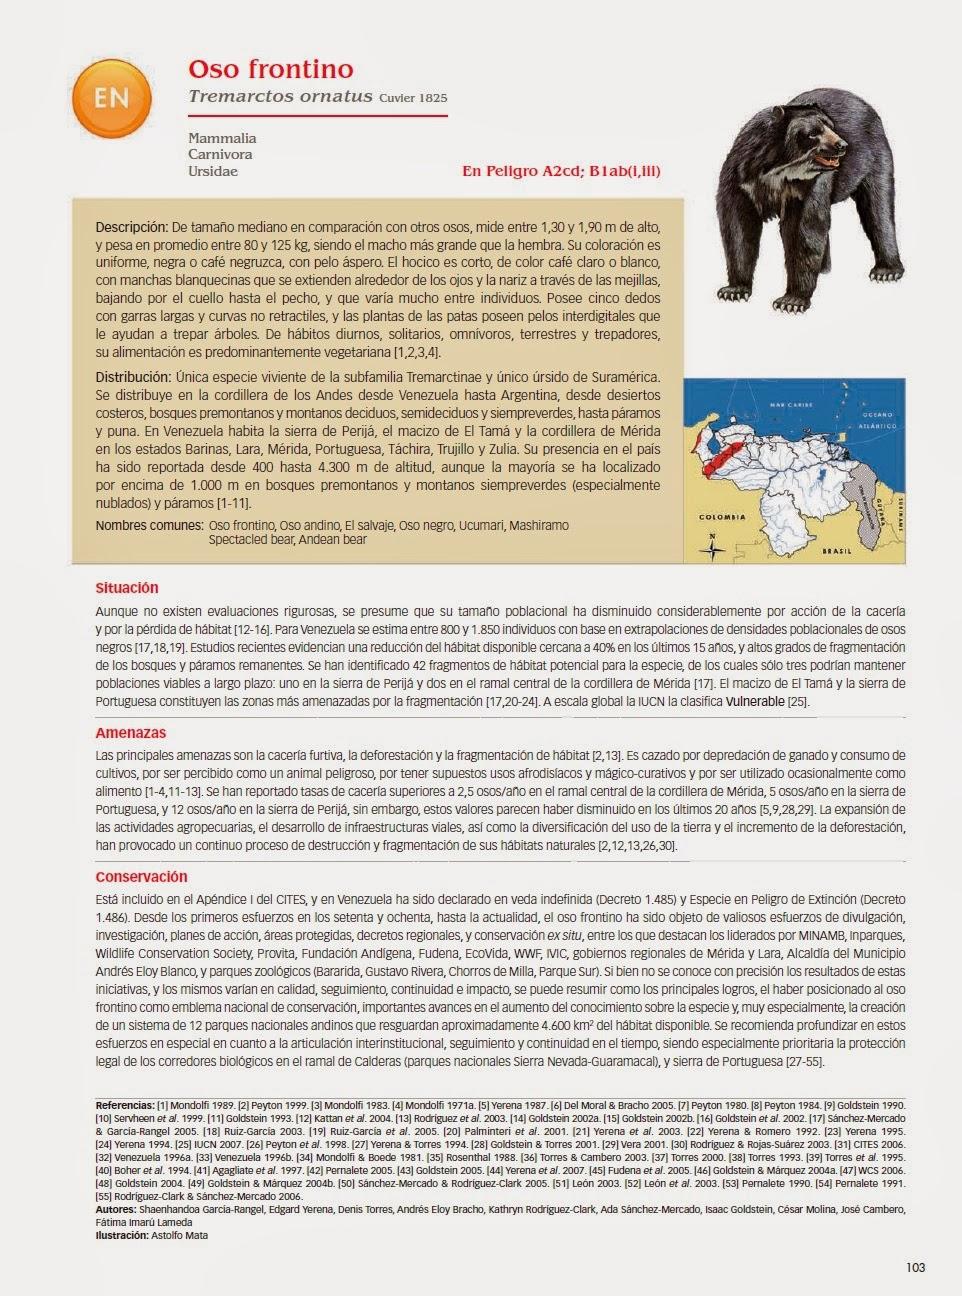 Ficha del Oso Andino en Libro Rojo de Venezuela.